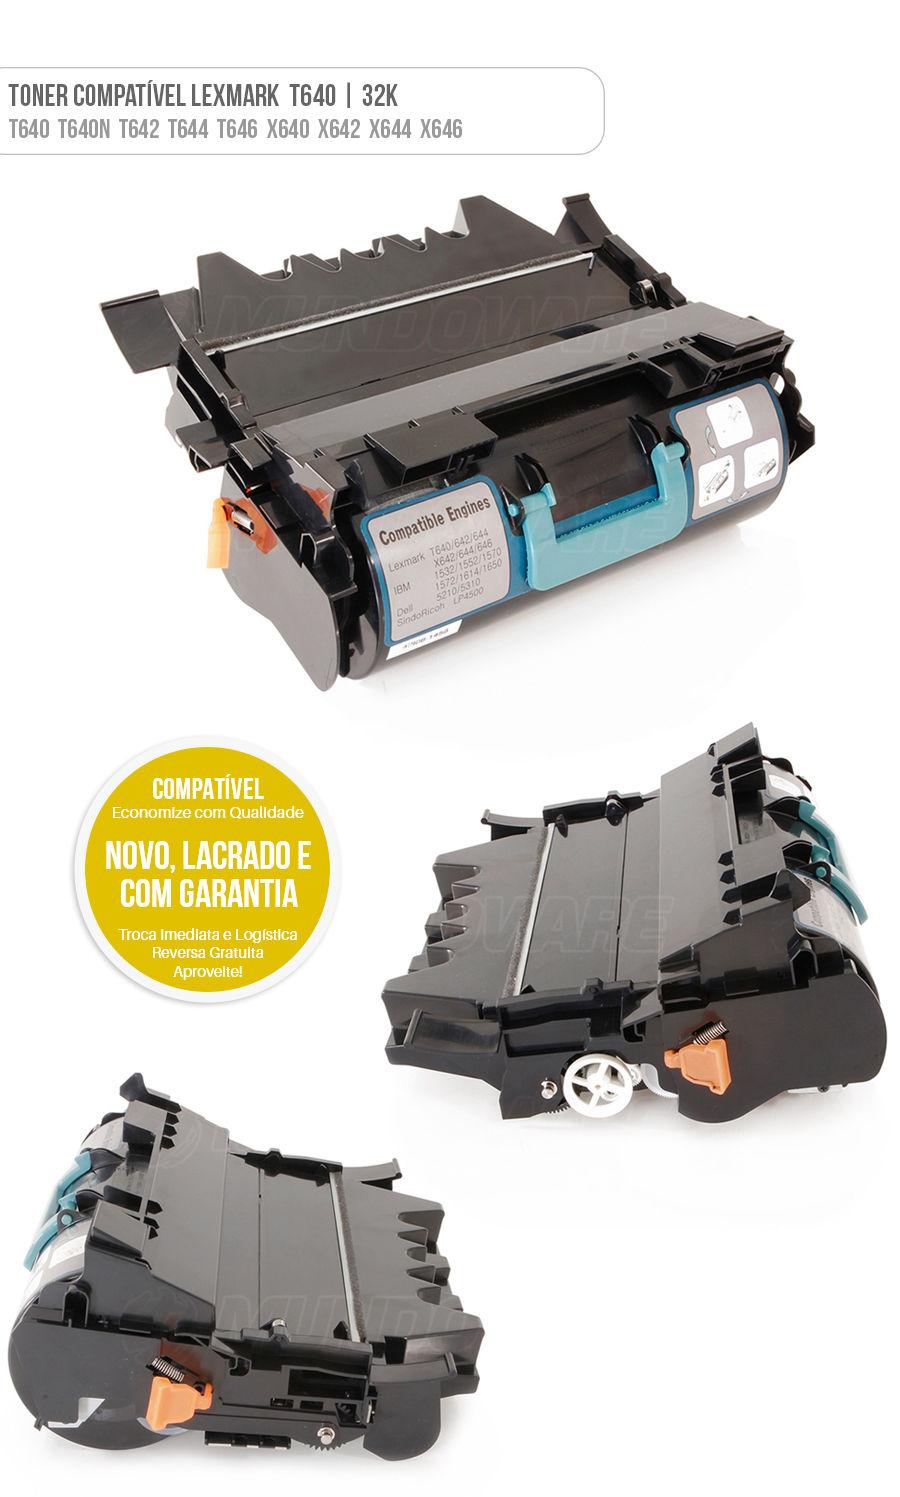 Lexmark Toner T640 T642 T644 T646 X640 X642 X644 X646 Tonner